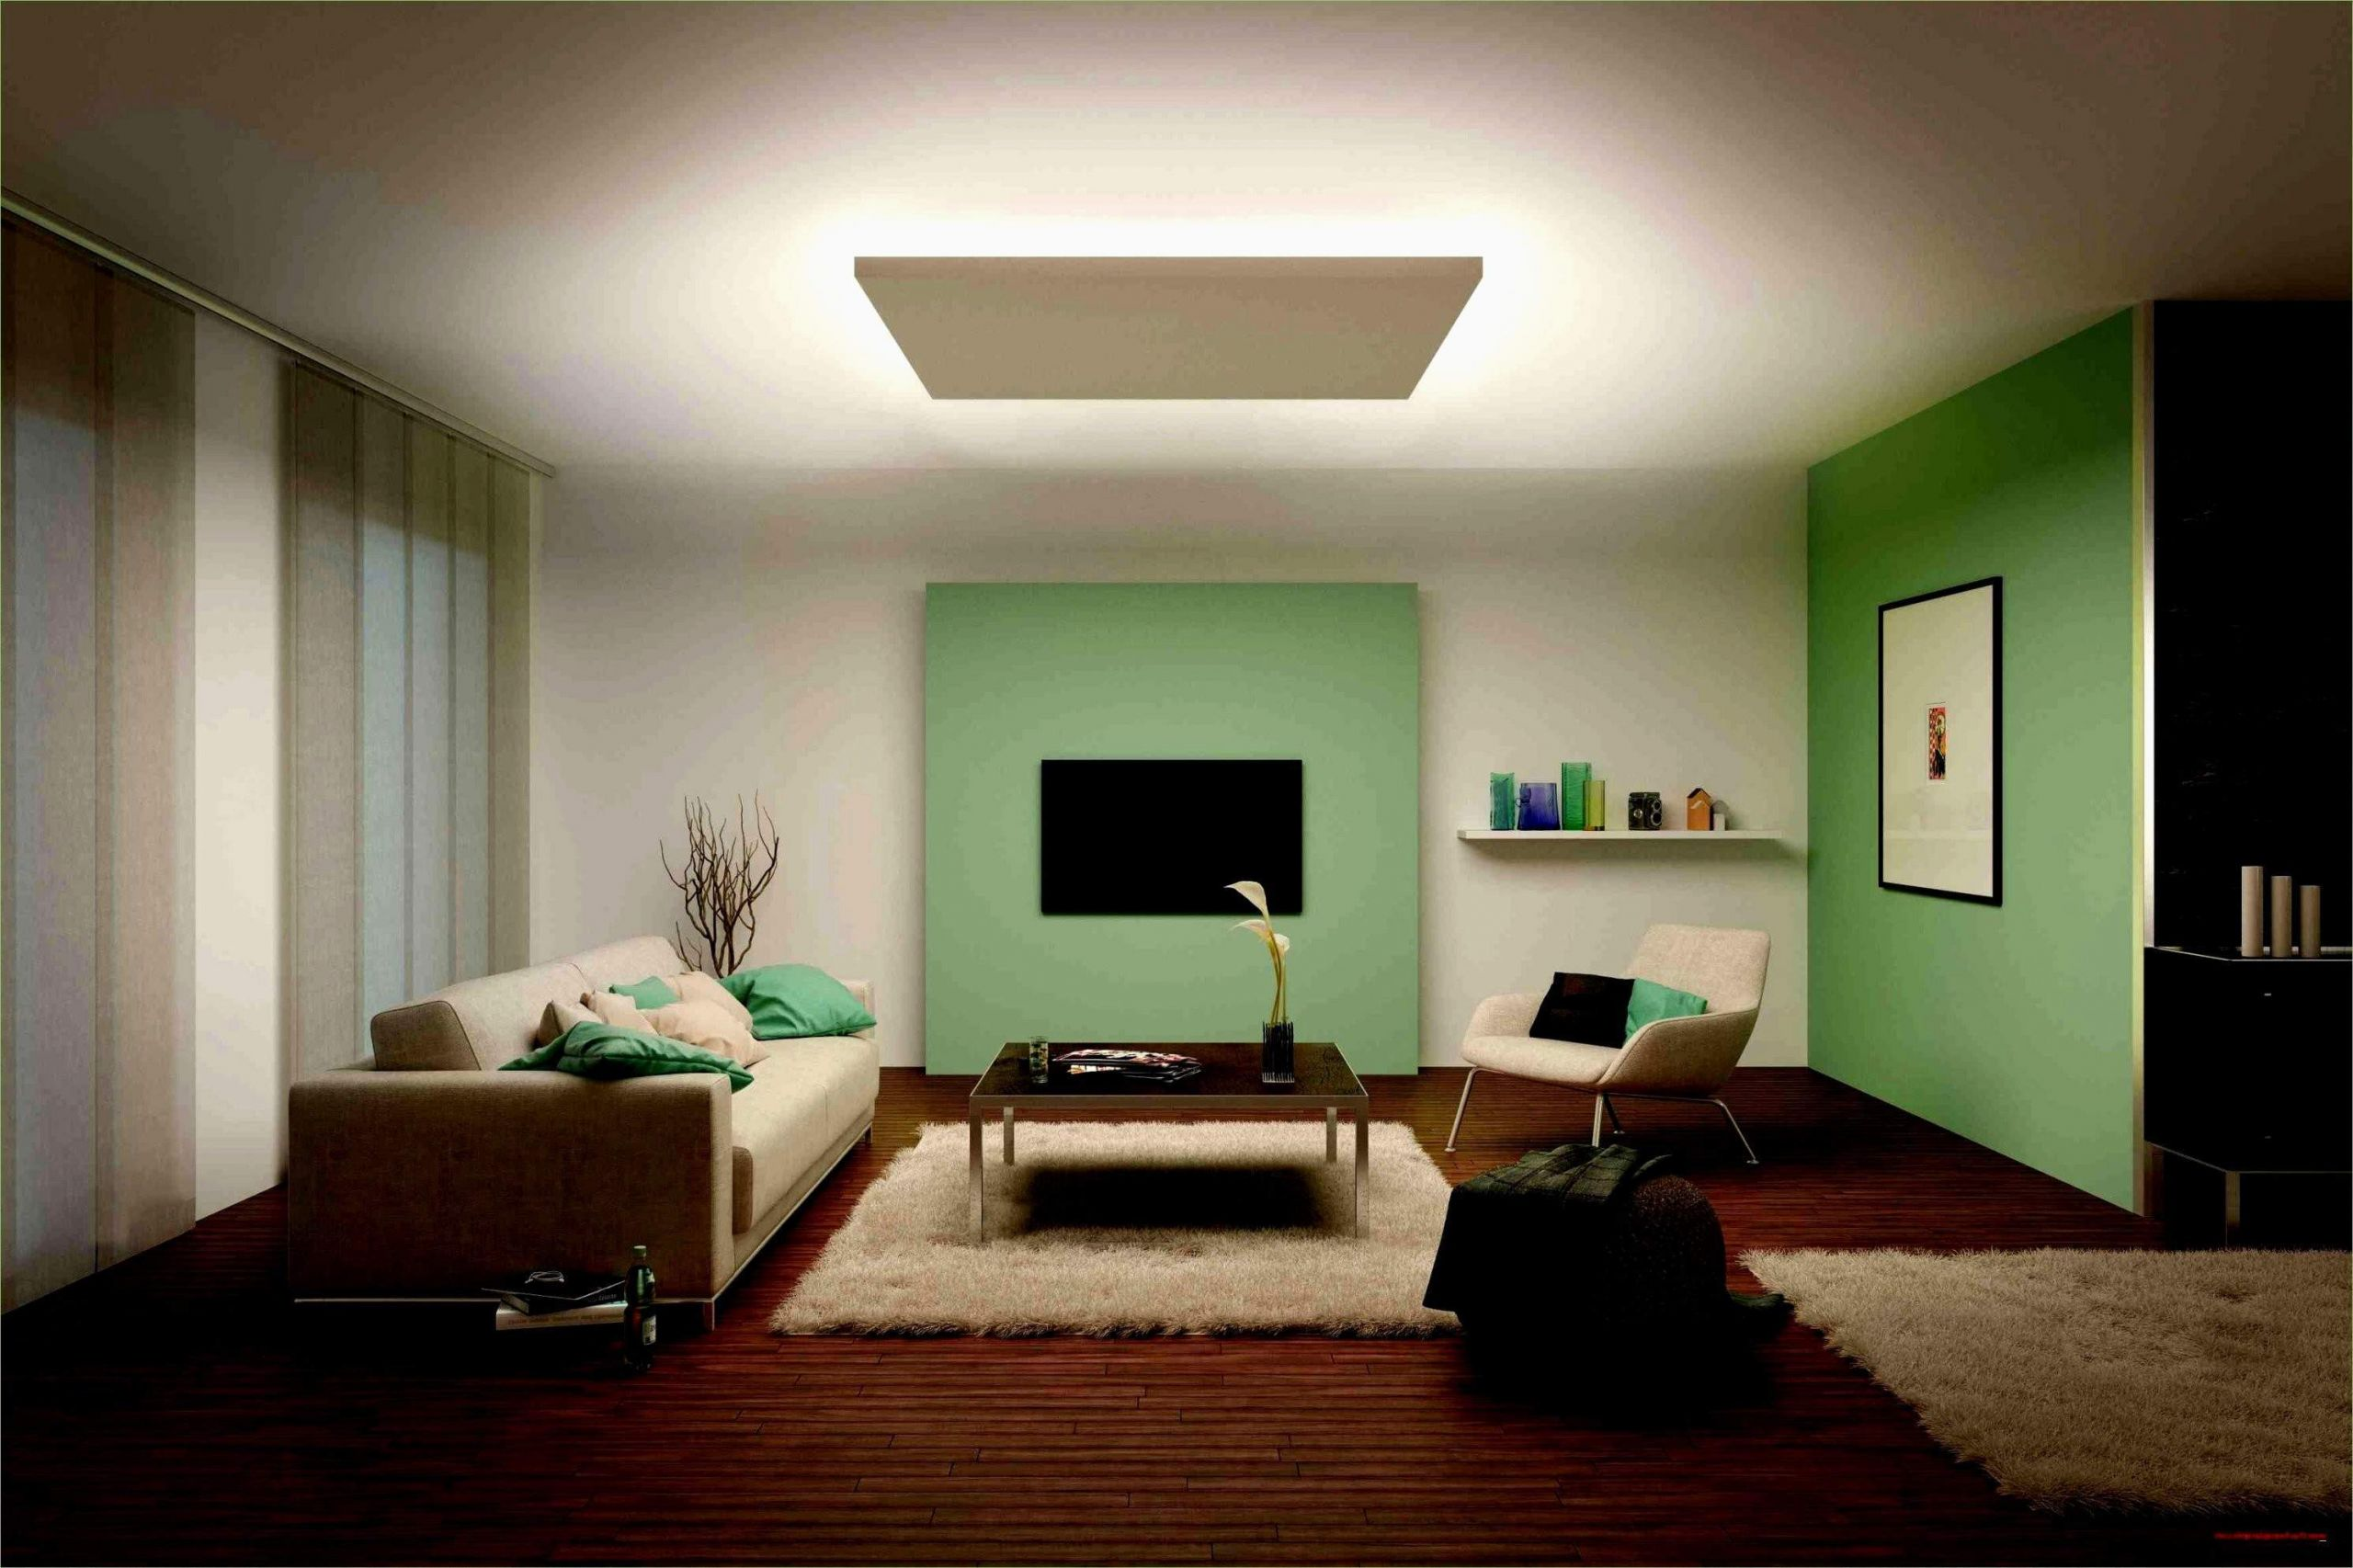 kabelkanal wohnzimmer elegant deckenlampe wohnzimmer 0d of kabelkanal wohnzimmer